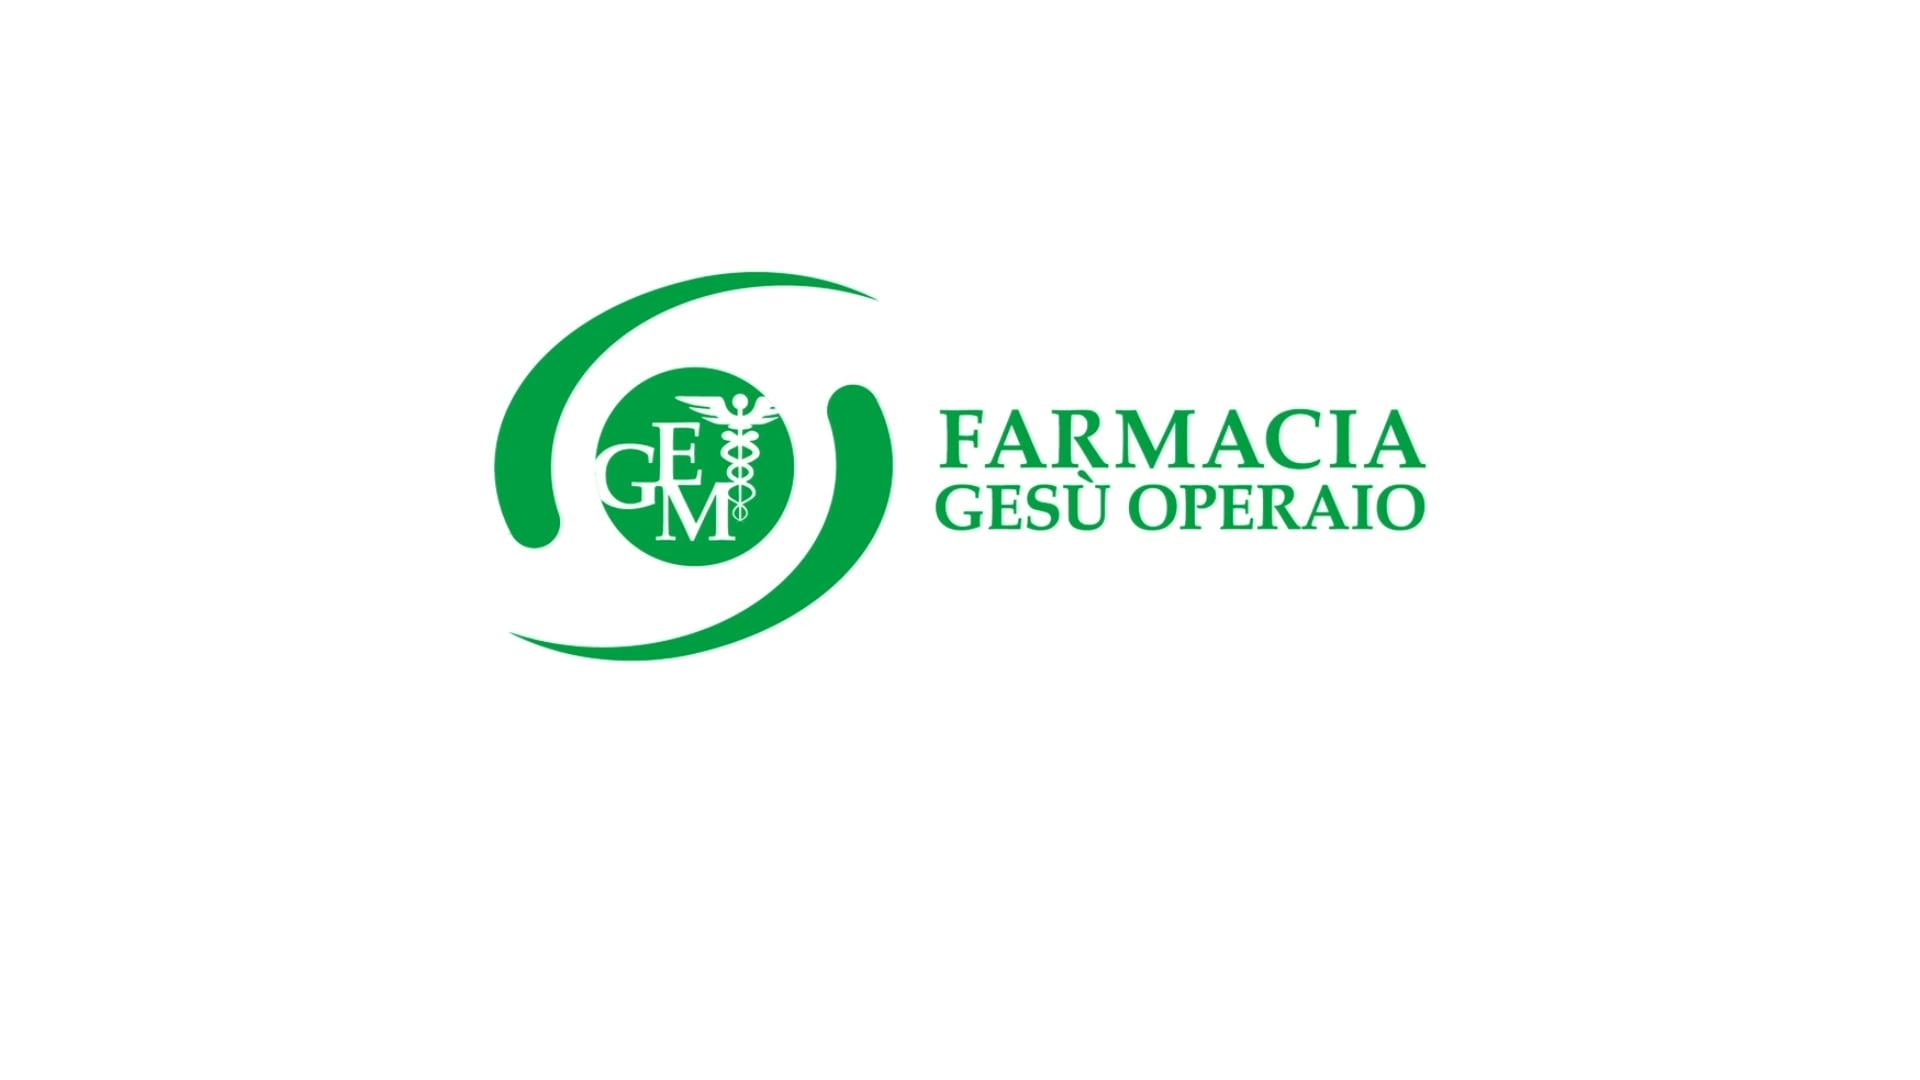 GESU OPERAIO.mp4